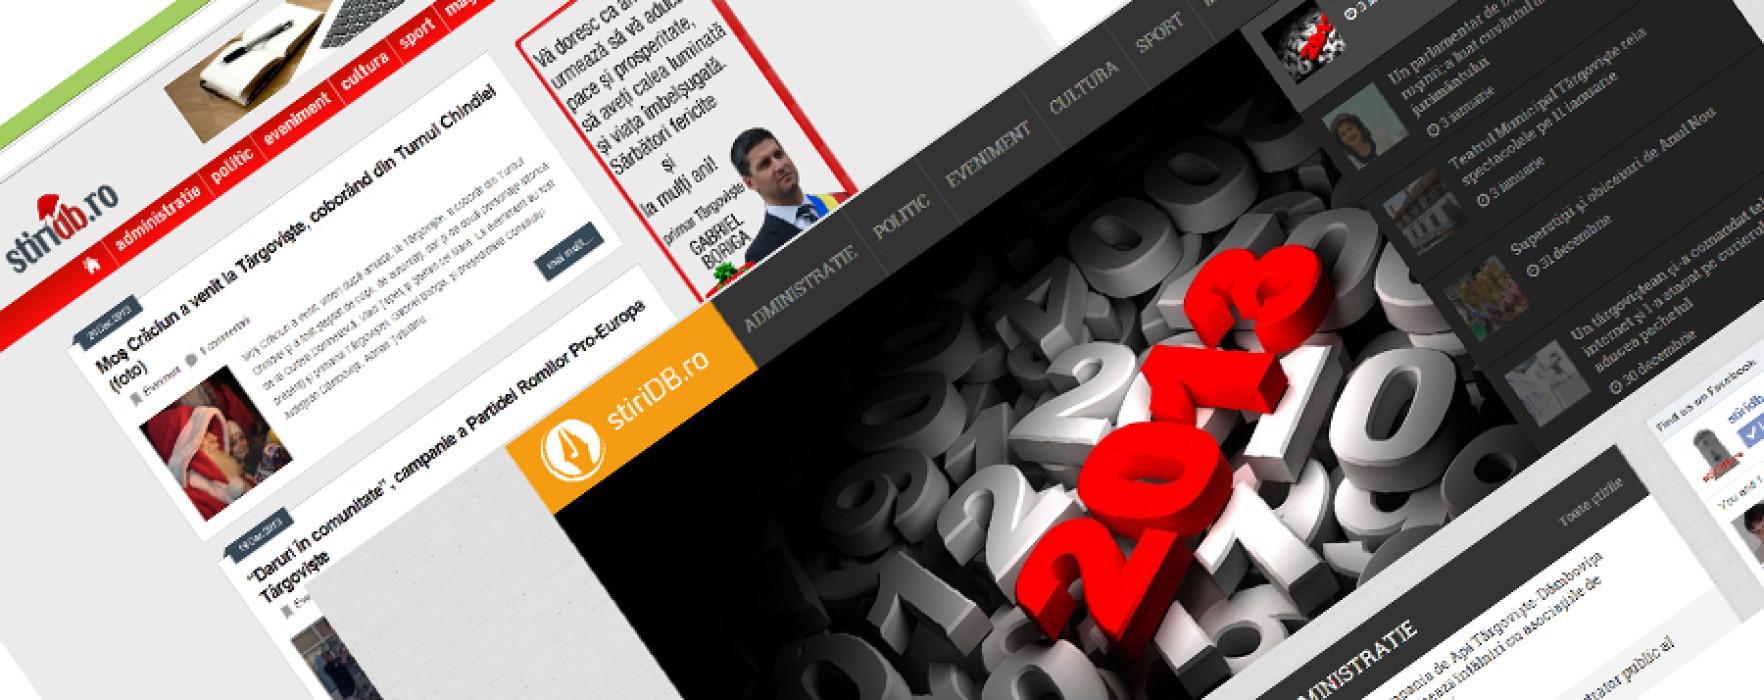 stiridb.ro, o nouă identitate vizuală din 2014